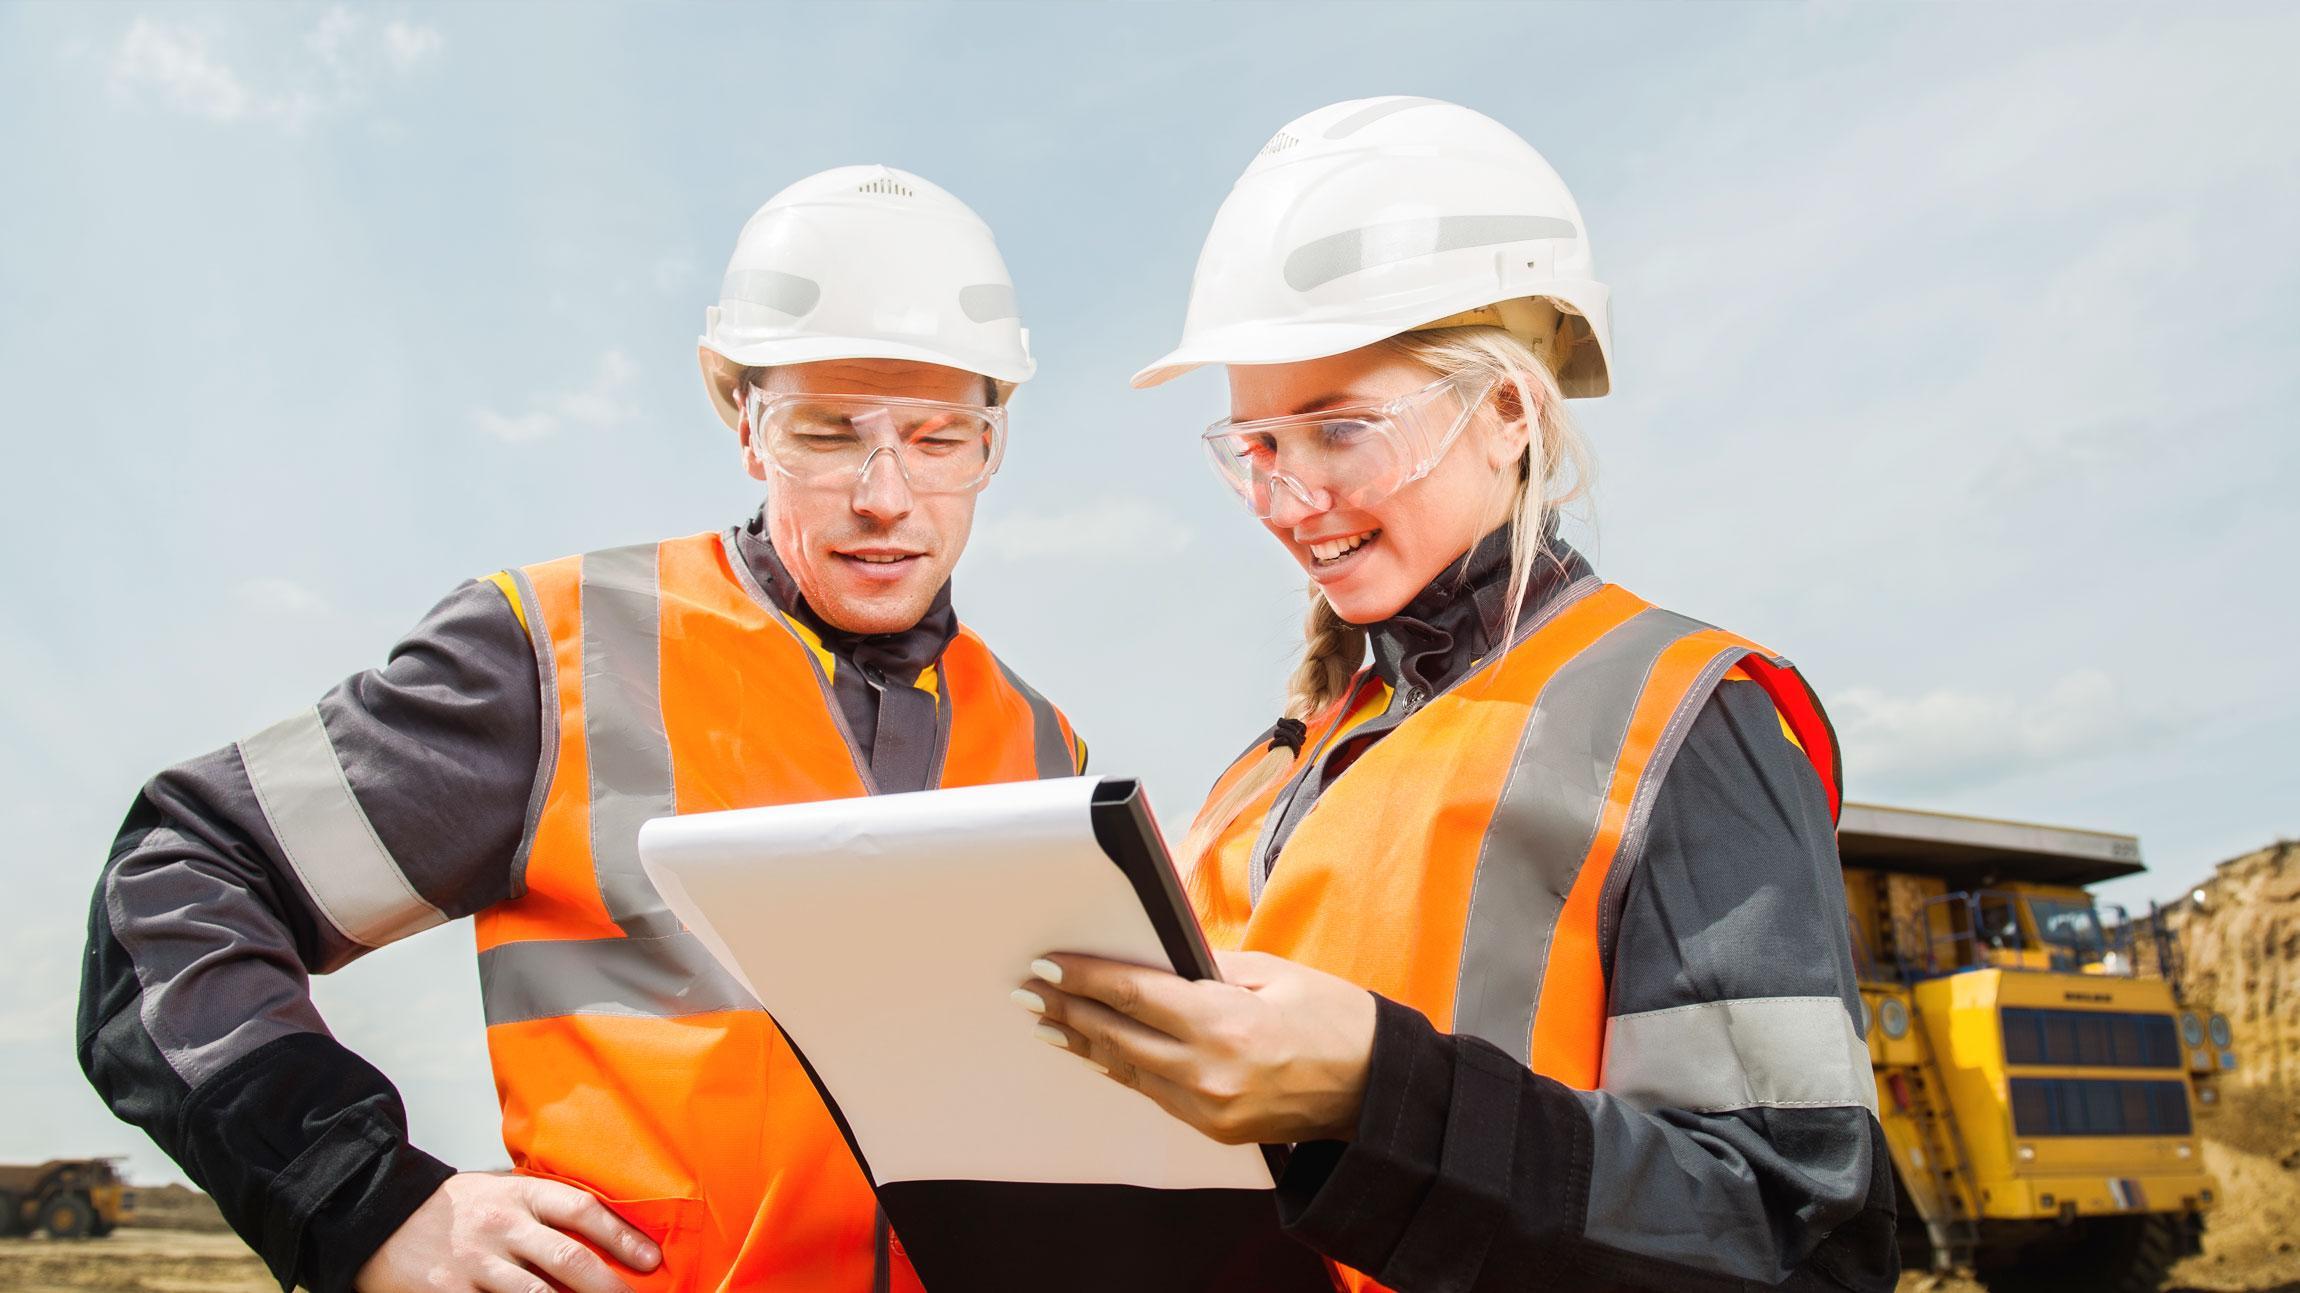 Työnjohtoharjoittelua rakennusalan opiskelijoille